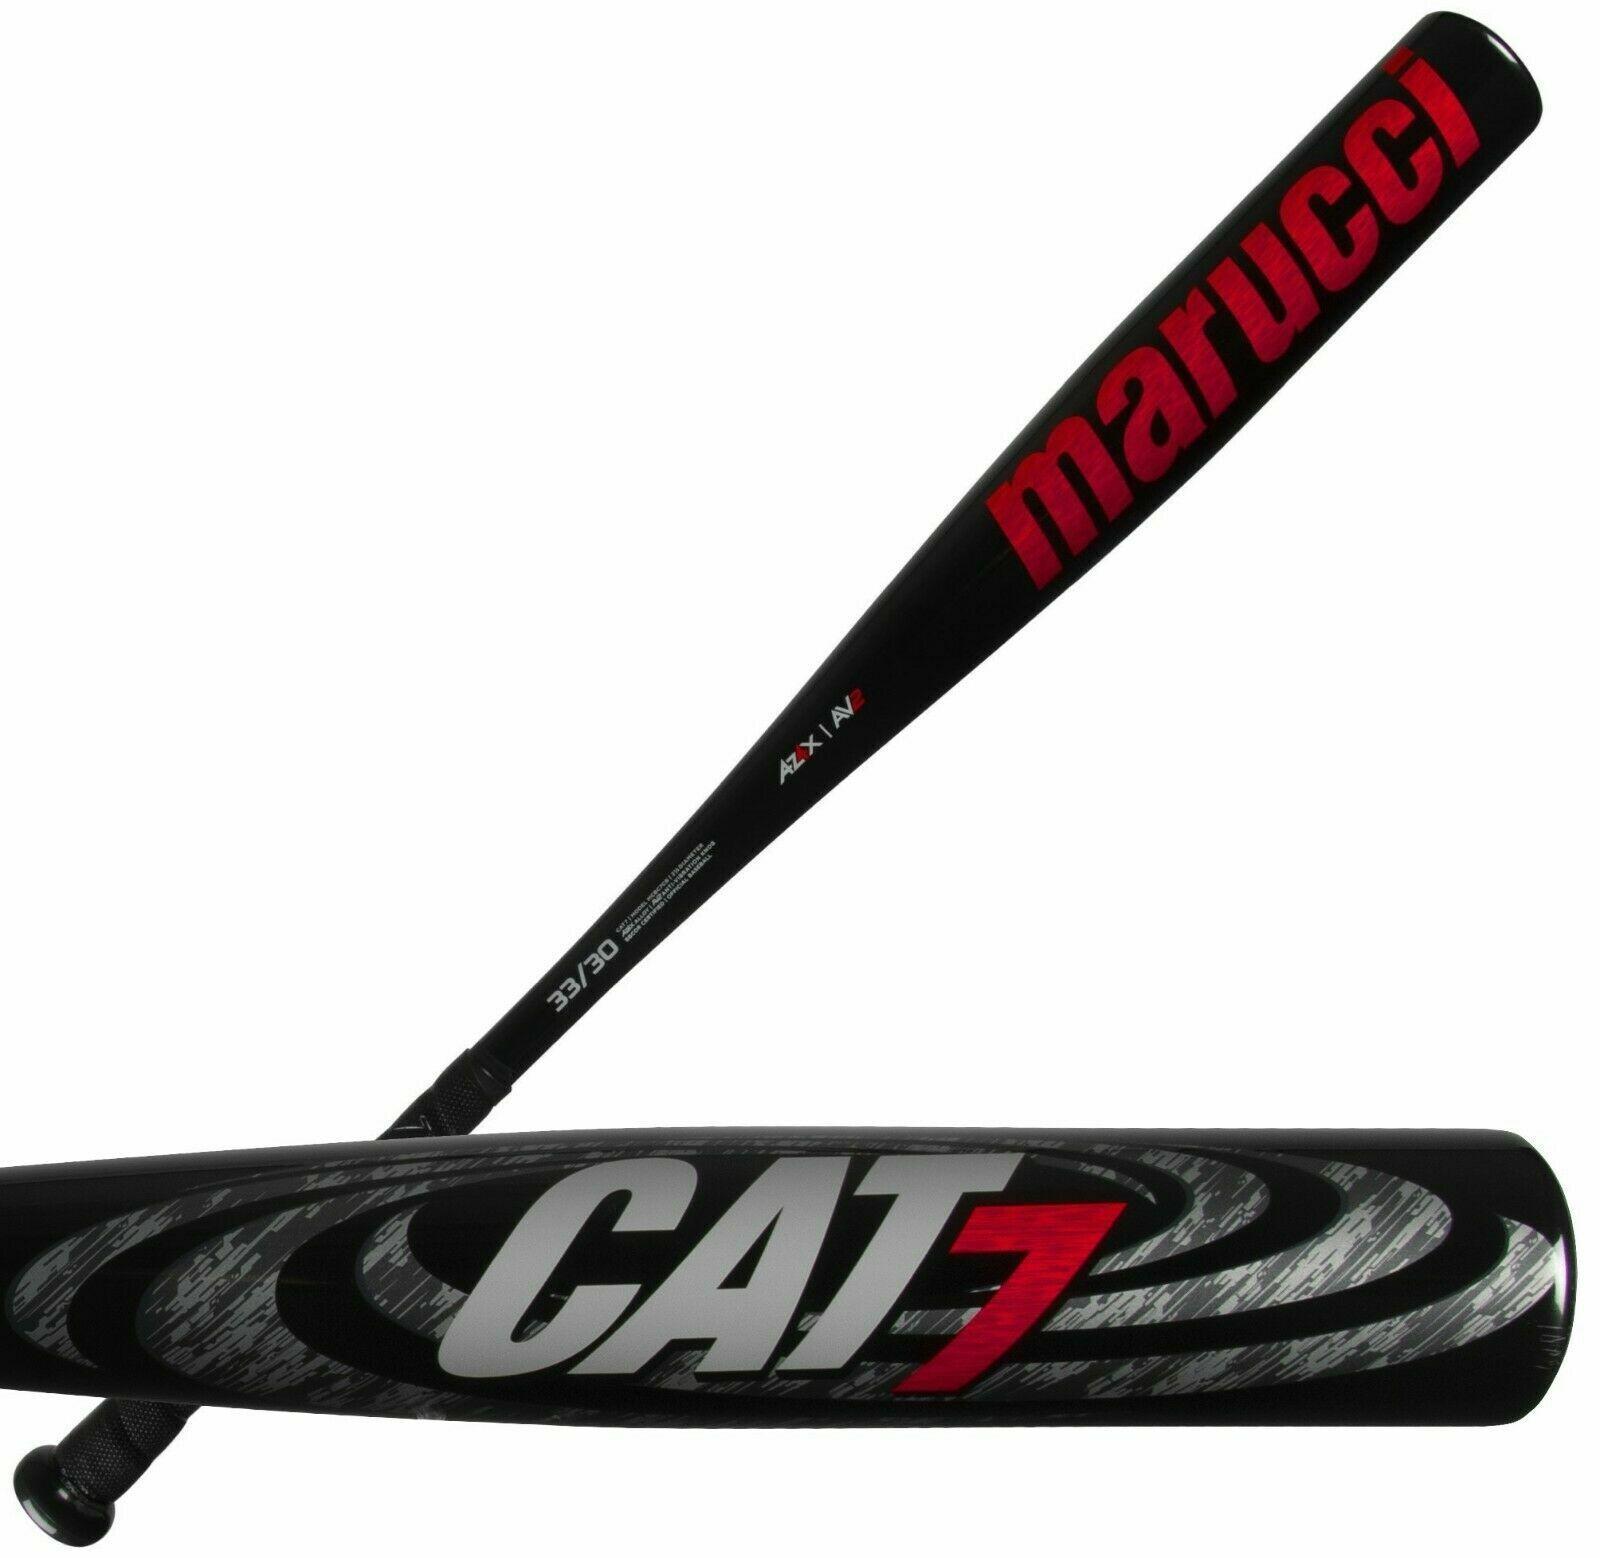 2020 Marucci Cat 7 Negro le -3 31  28 Oz Adulto  Bbcor MCBC 7CB bate de béisbol